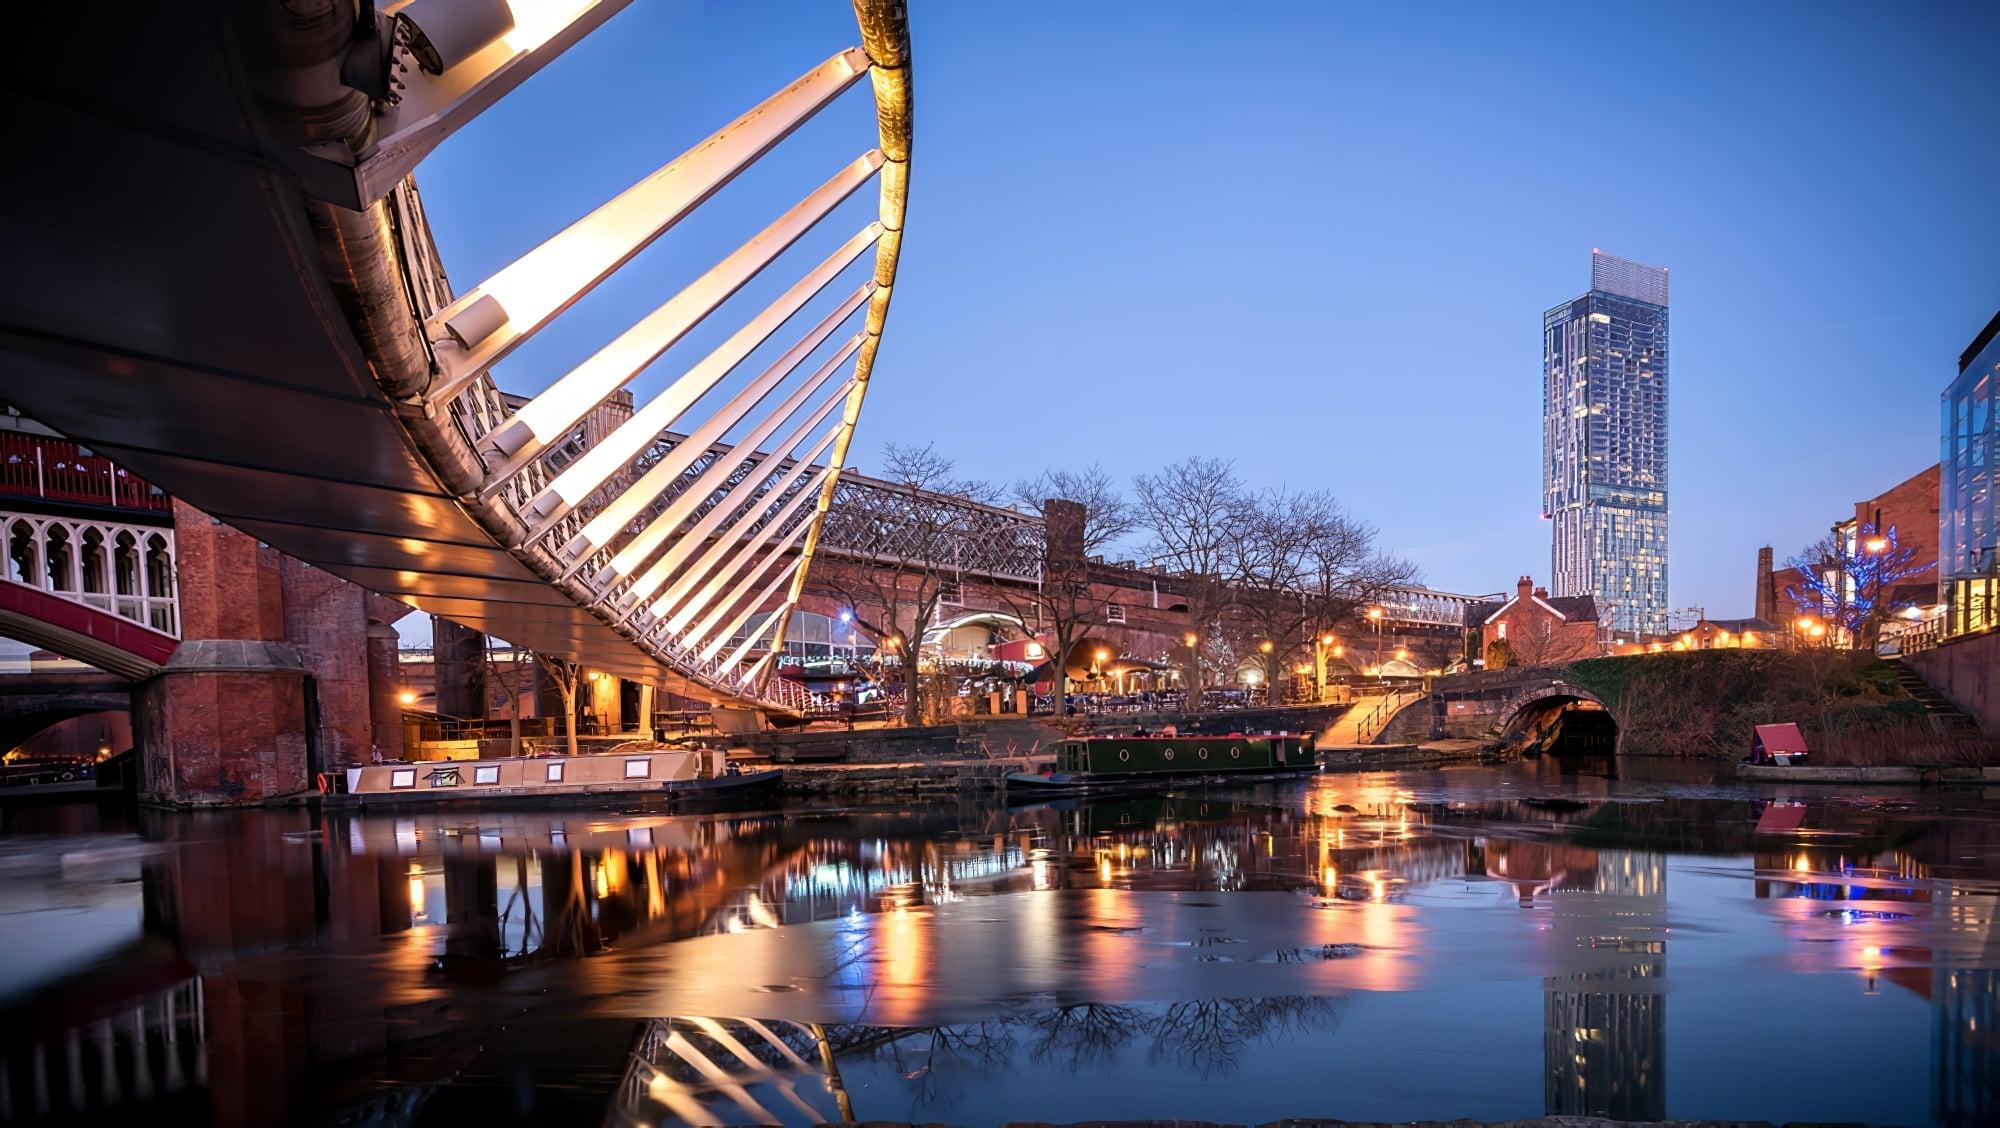 Visiter Manchester : que faire et voir à Manchester ?